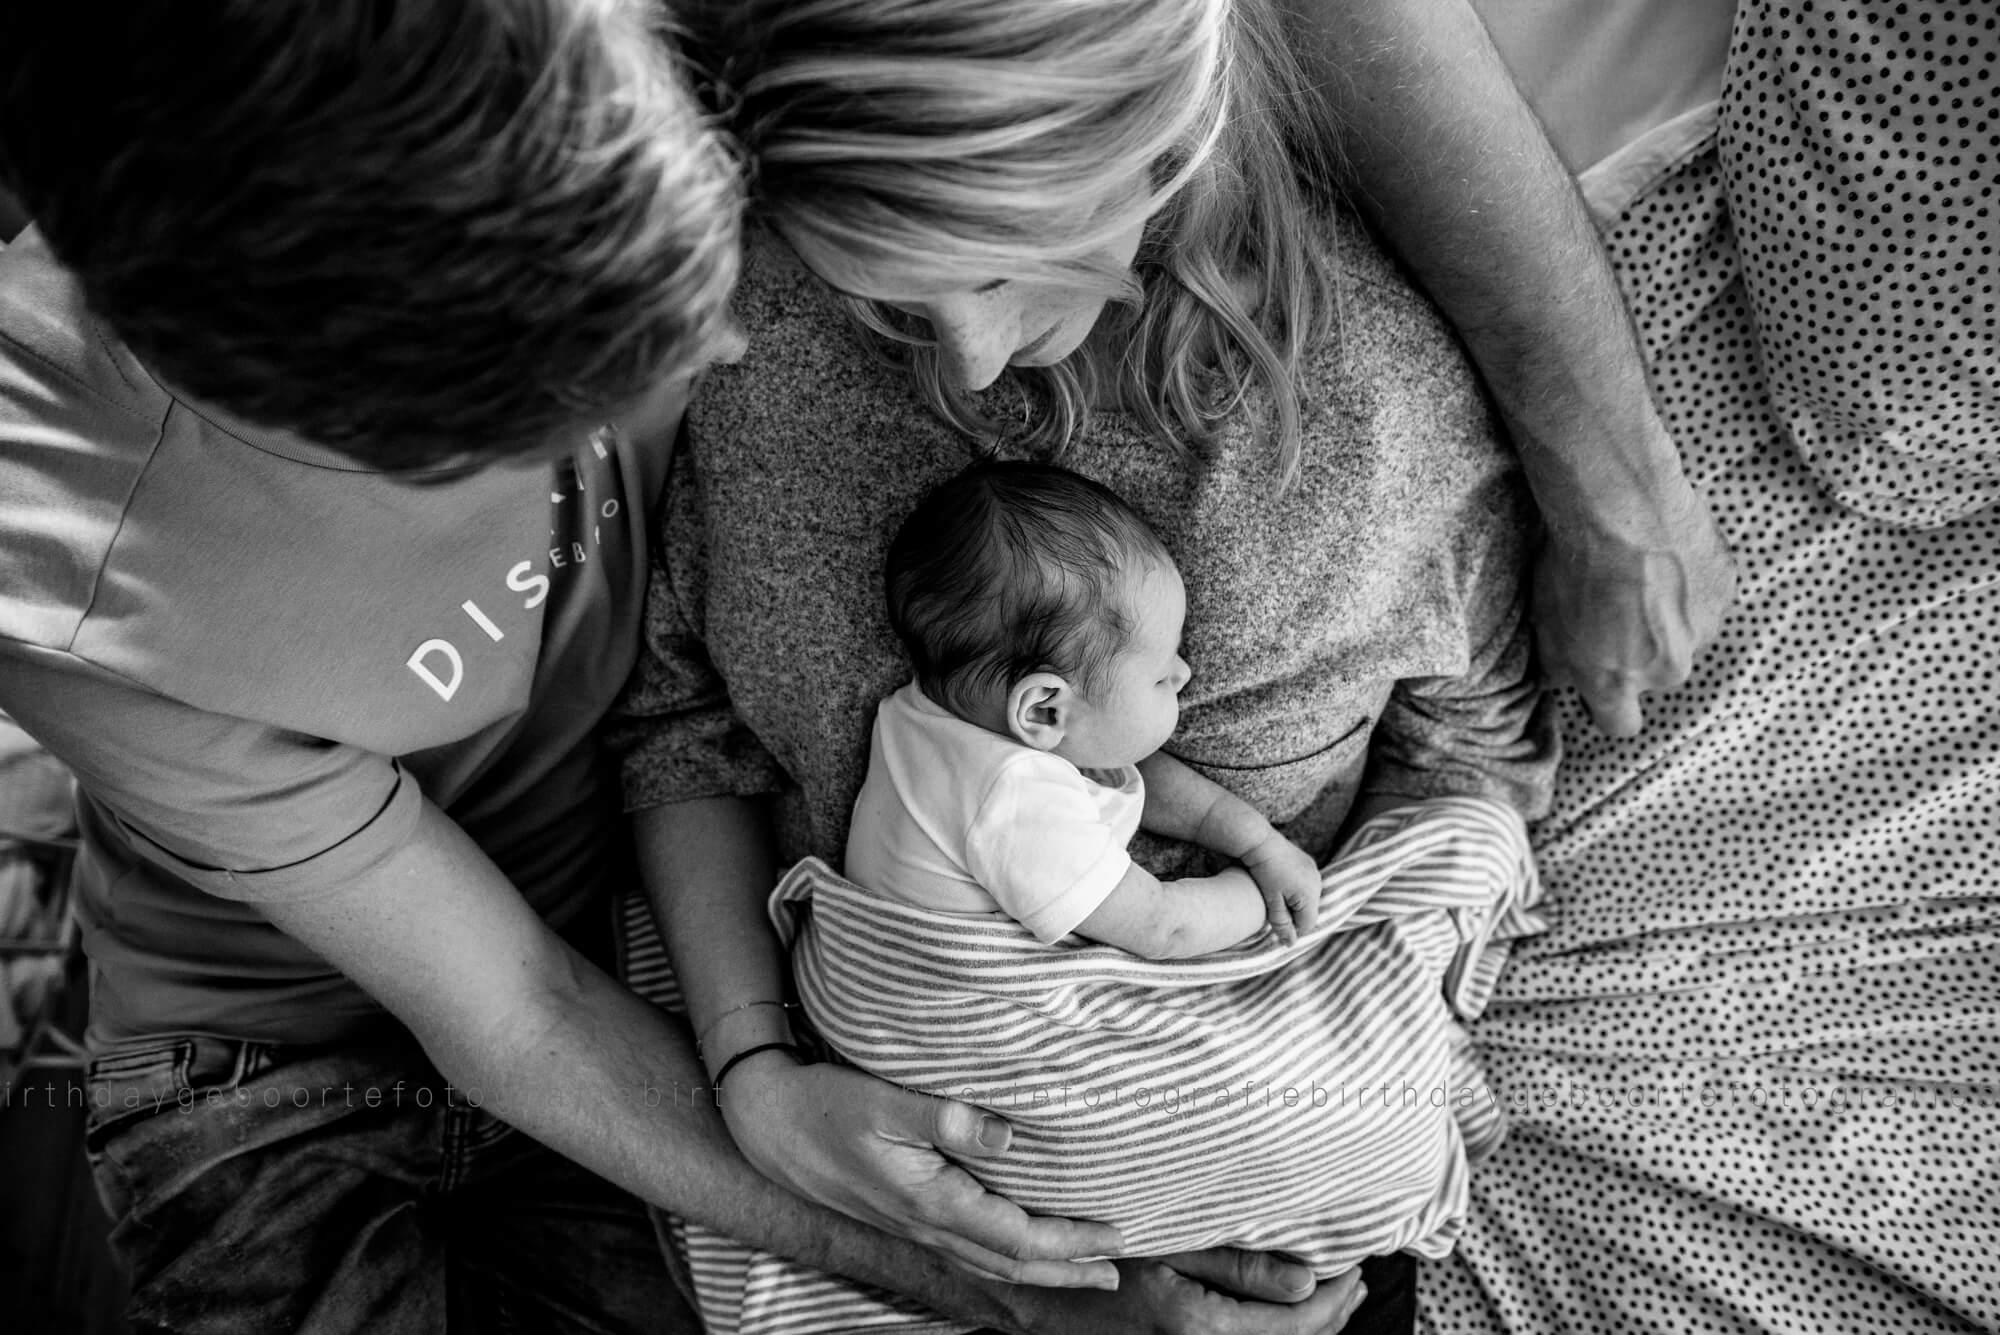 Lifestyle newbornfotografie Mill Birth Day geboortefotografie Cindy